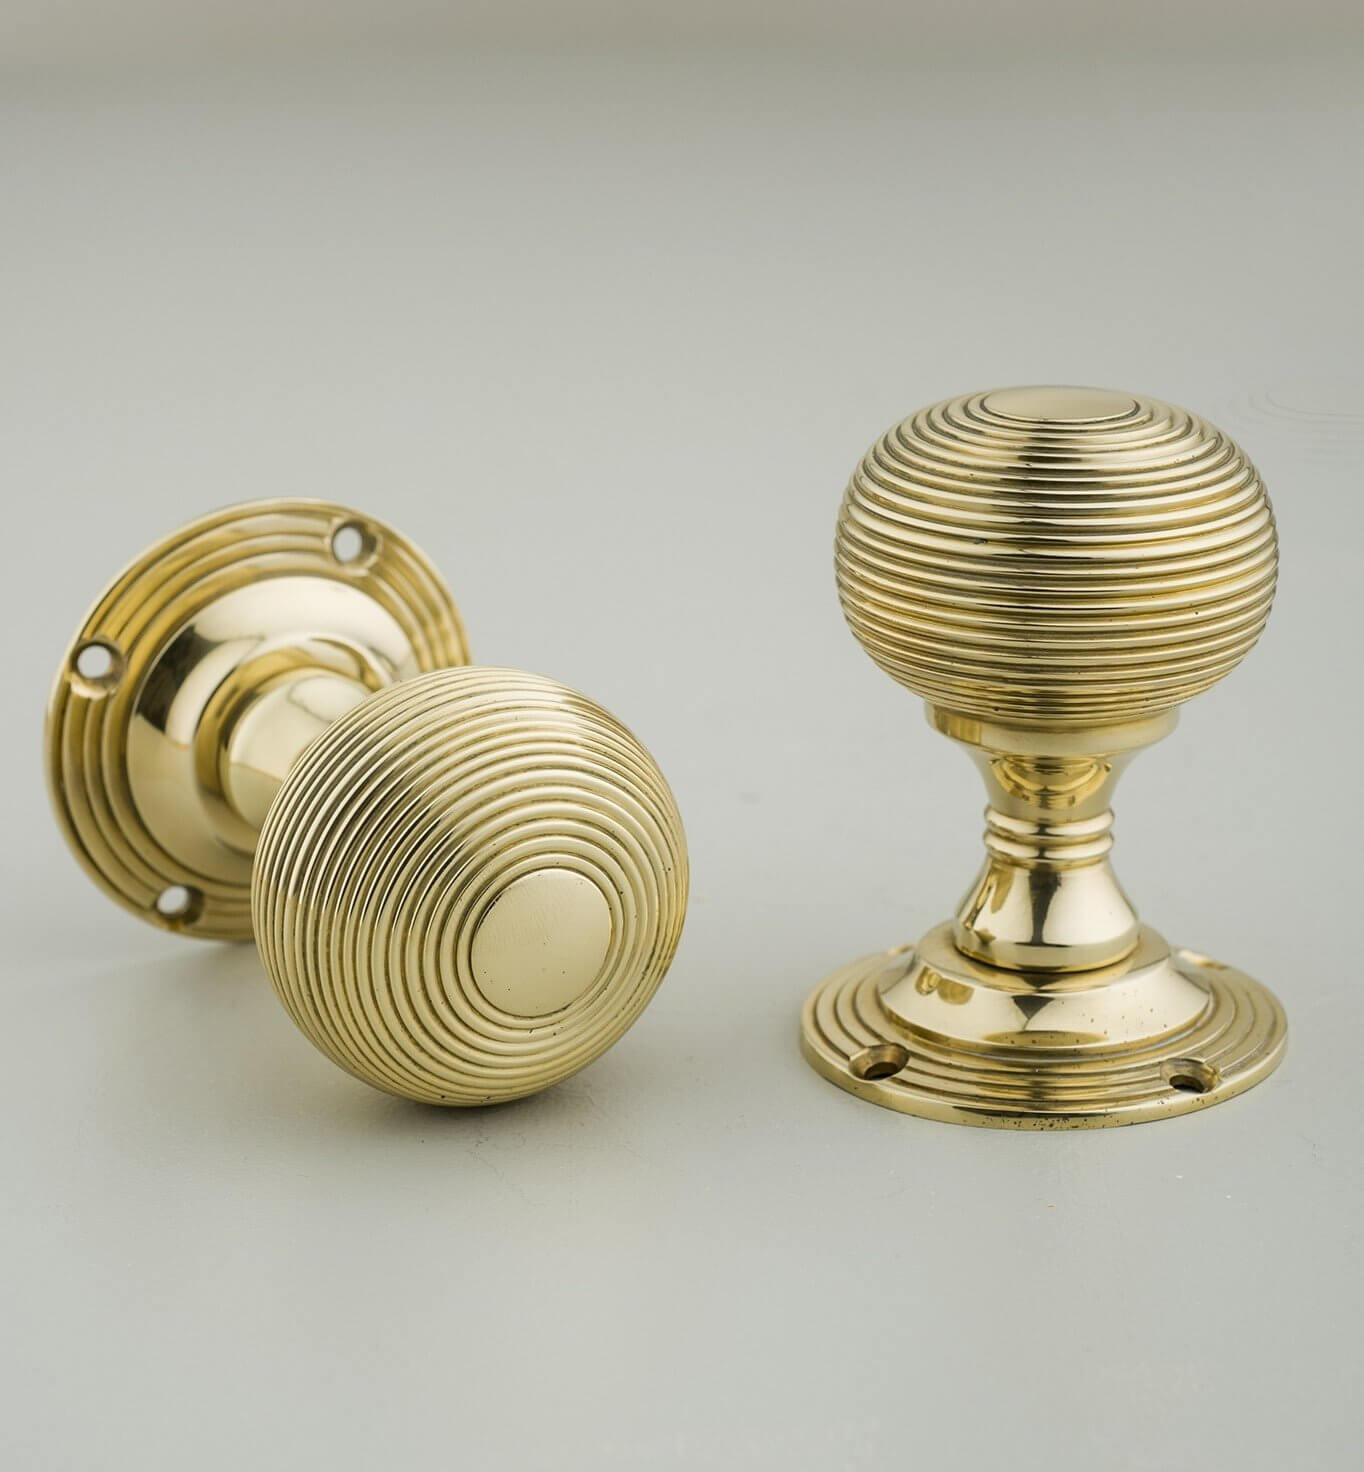 Beehive Empire Door Knobs (Pair) - Brass